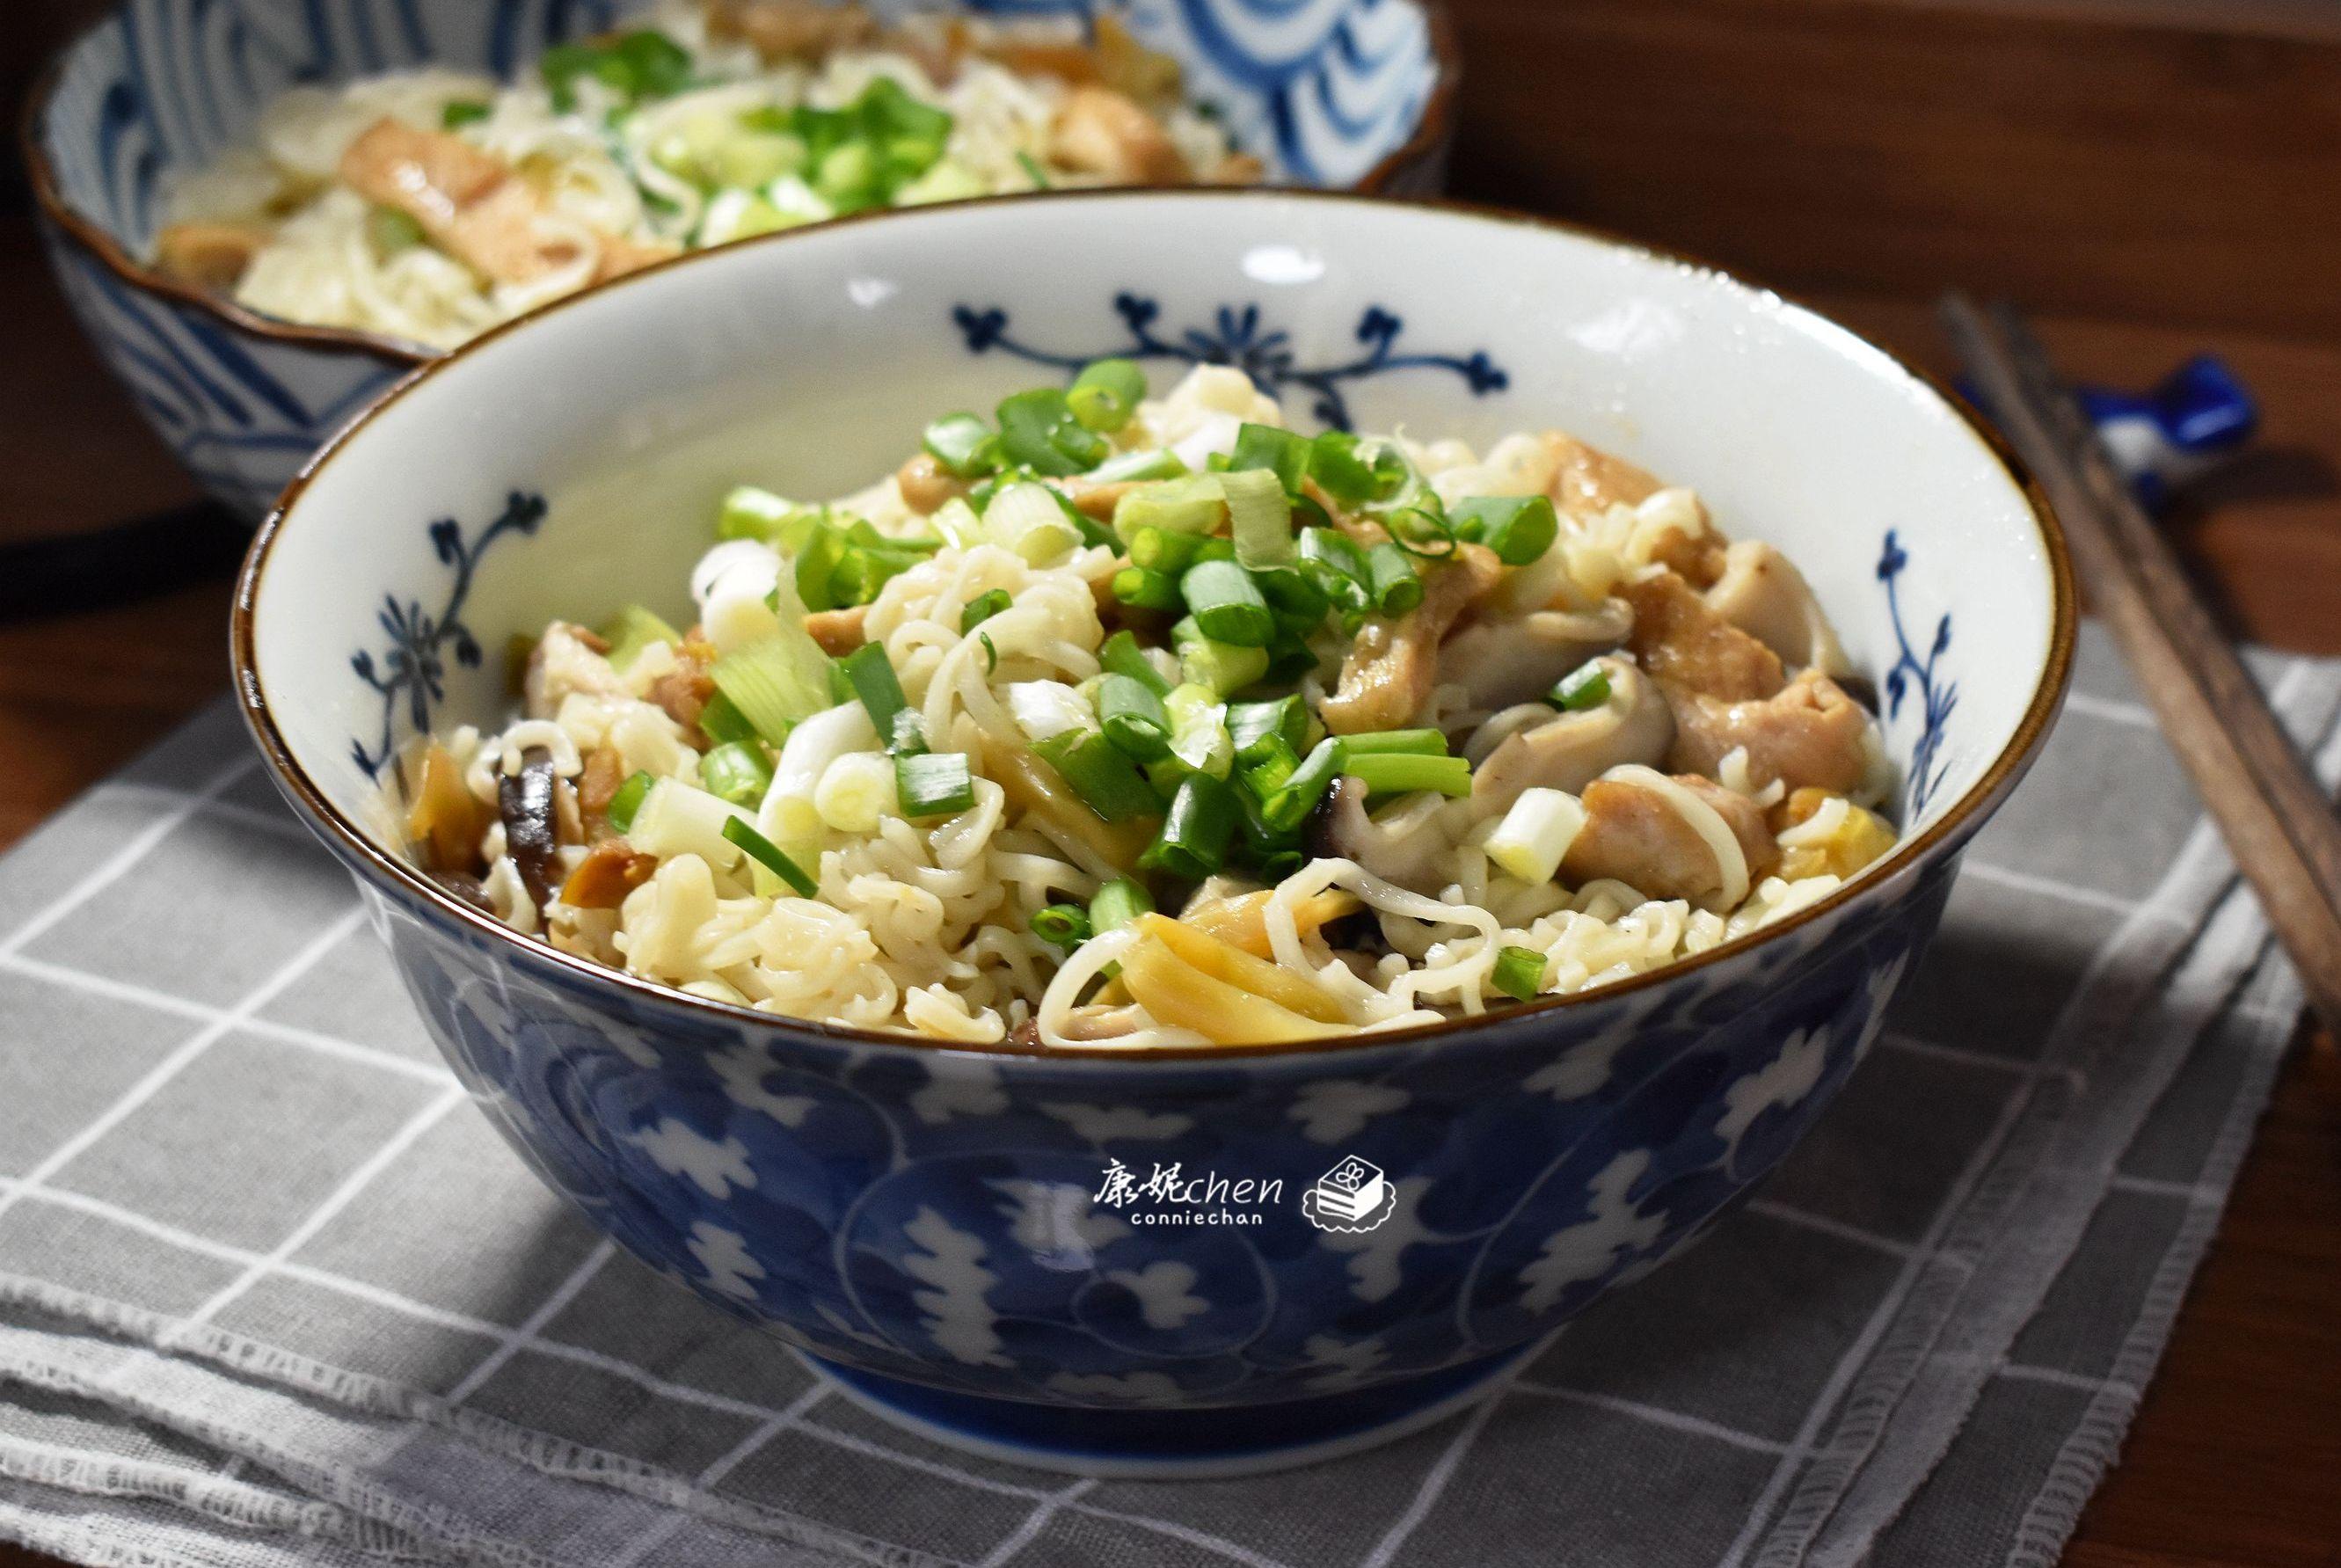 这碗面鲜香味美,做法简单,上桌5分钟吃个精光,汤汁一滴都不剩